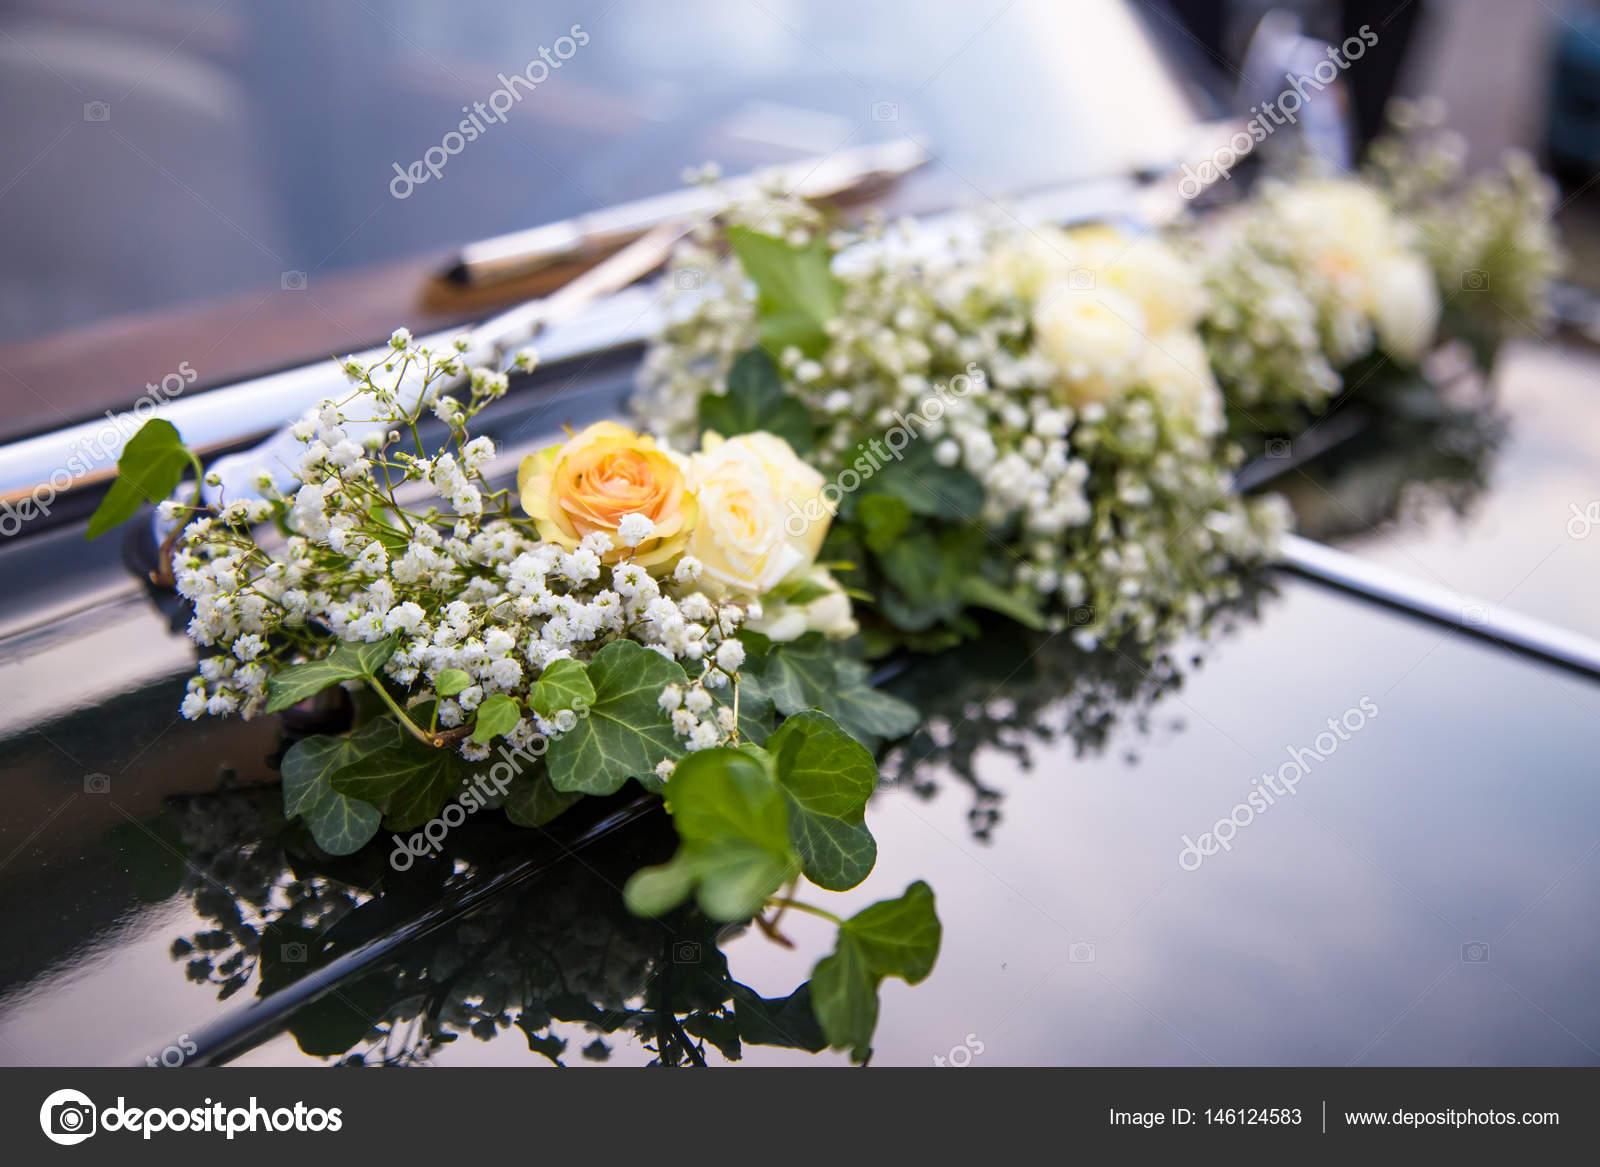 Dekoration Blumen Fur Hochzeitsauto Stockfoto C Elitravo 146124583